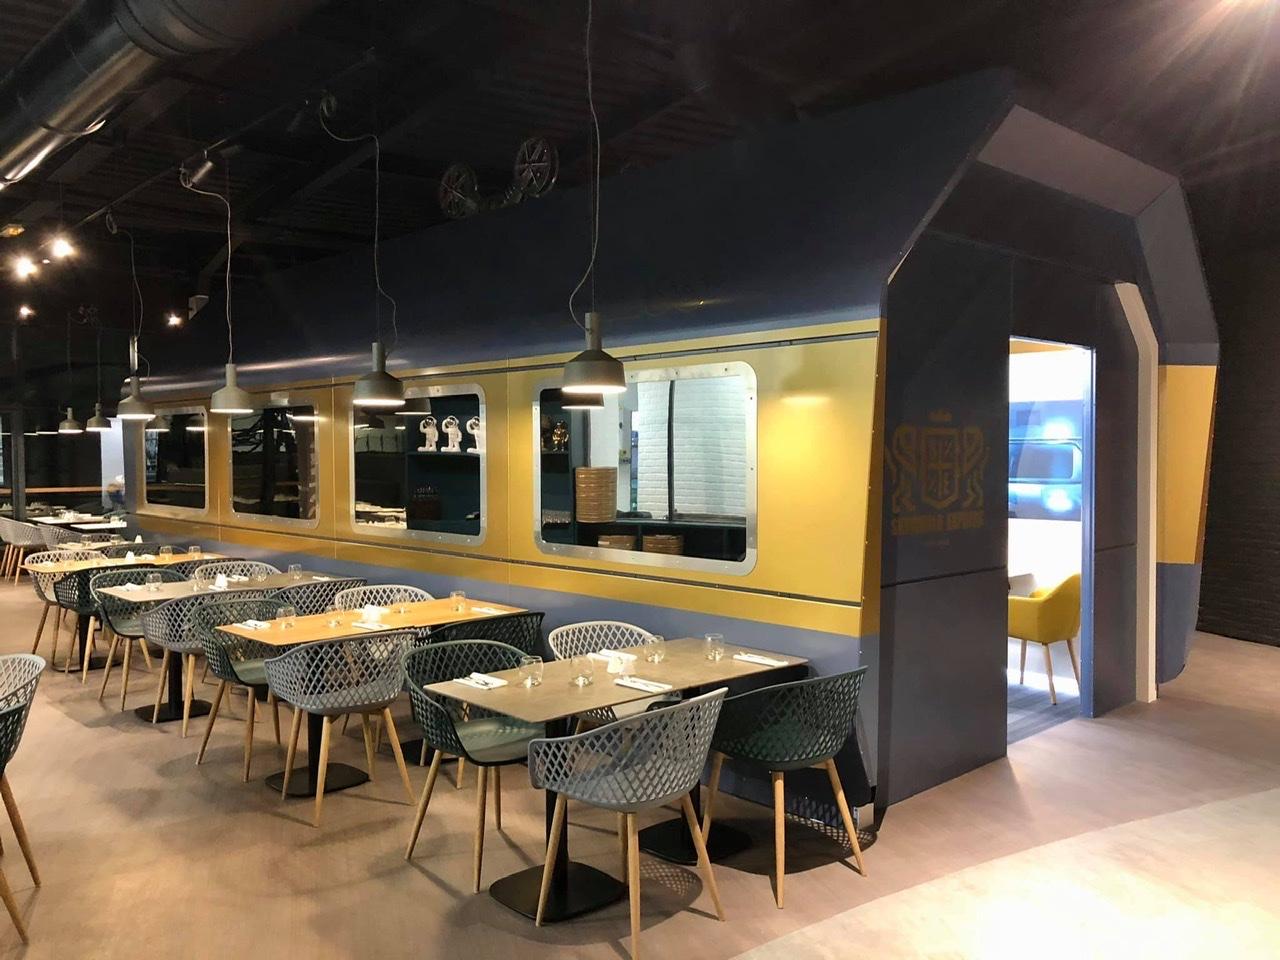 atelier - [Restaurant] L'Atelier des Saveurs · 2020 5-BE13-B2-A-D2-E3-438-F-839-E-892486137896